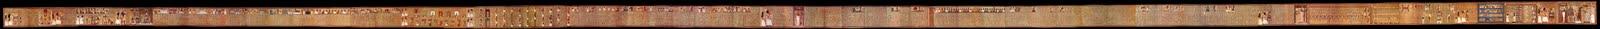 Papiro de Ani (ensamblado)